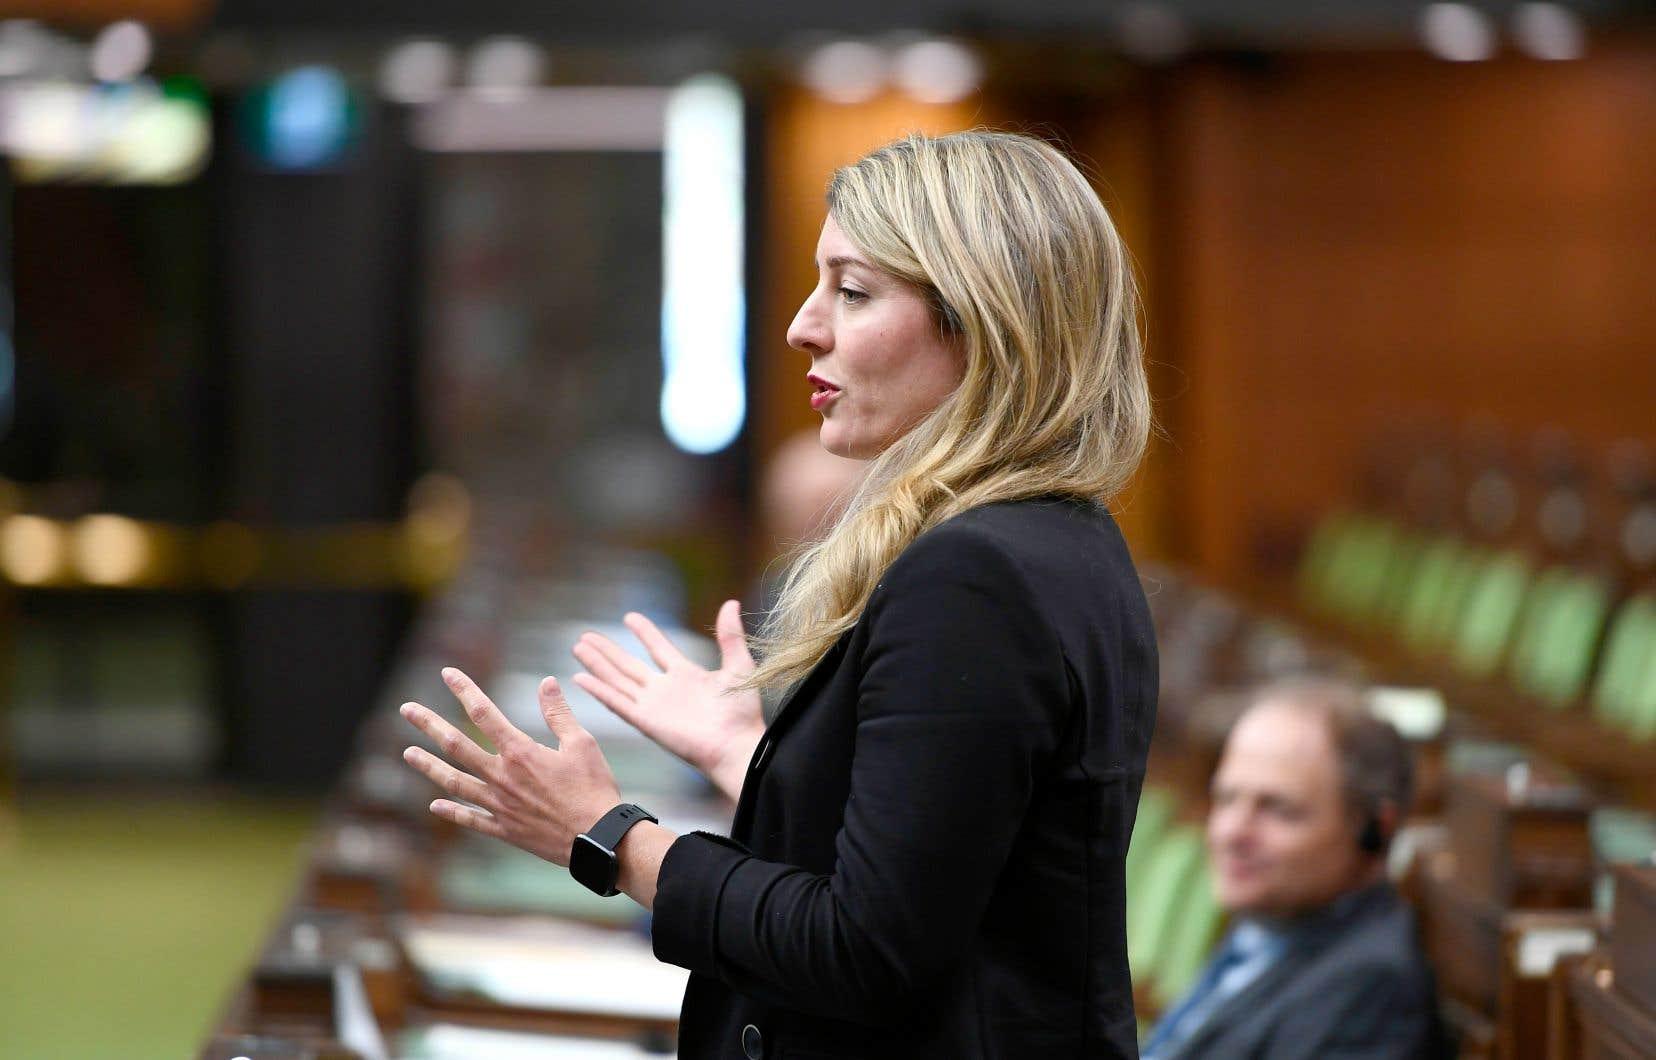 Le projet de loi de la ministre Joly précise la manière dont le gouvernement Trudeau entend protéger le français au sein des entreprises privées de compétence fédérale, comme celles du secteur des télécommunications, des banques ou des transports interprovinciaux.